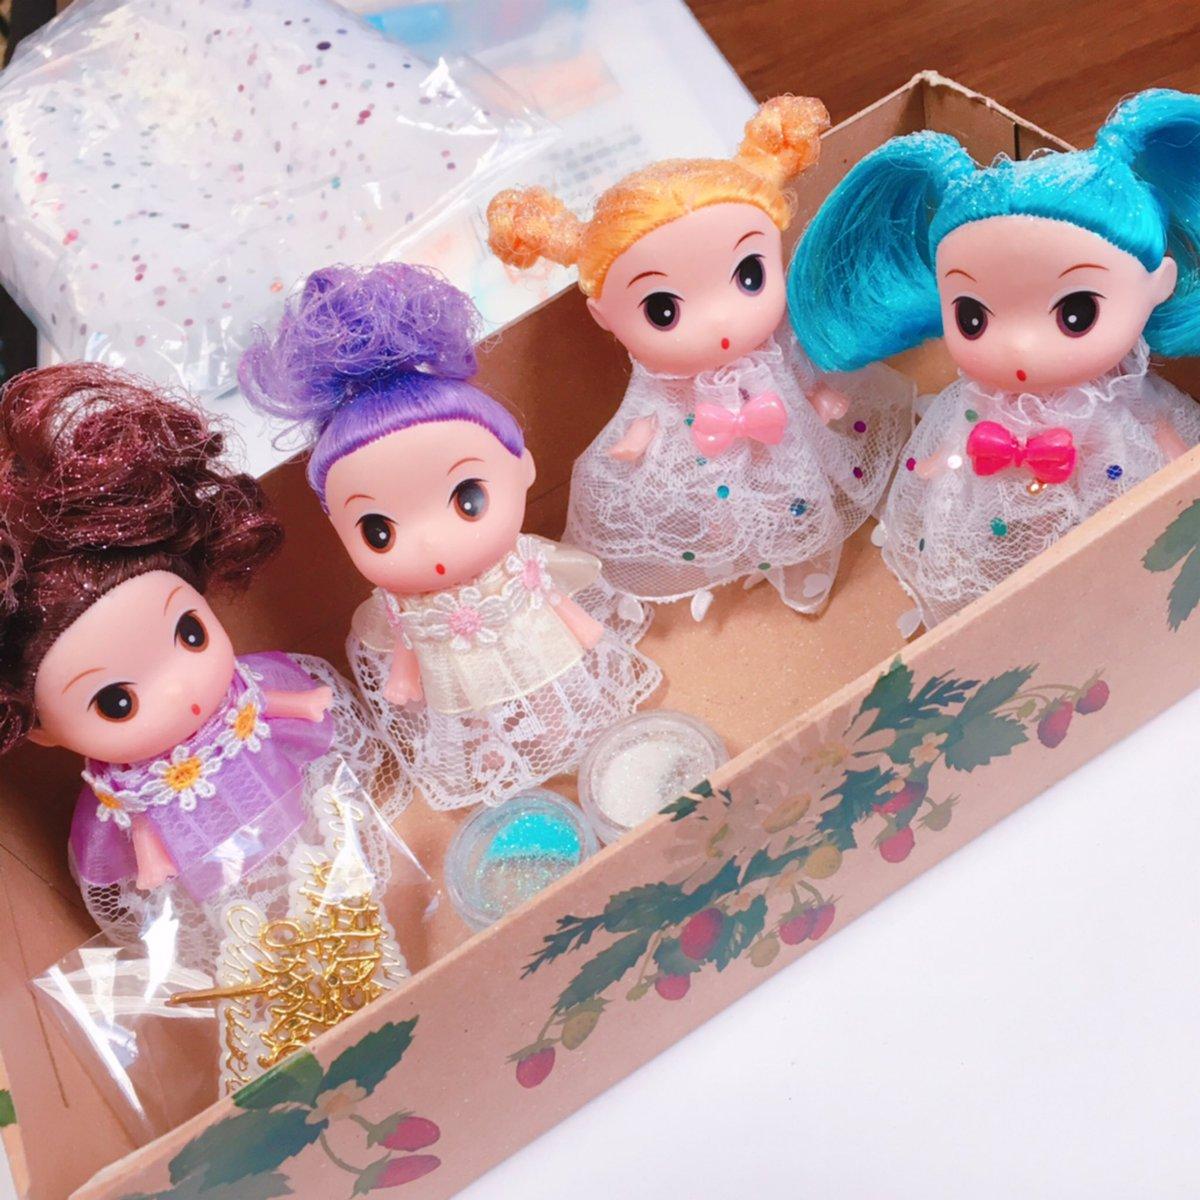 test ツイッターメディア - セリアのブリリアントドールミニョンという劇的にかわいいお人形をカスタムしたよ??うーーんかわいい??クレヨンしんちゃん系のキョトン顔に一目惚れ??彼女たちは作品のどこかに登場し活躍してくれる予定  #ブリリアントドール #セリア #100均 https://t.co/gcV1JxLiqe